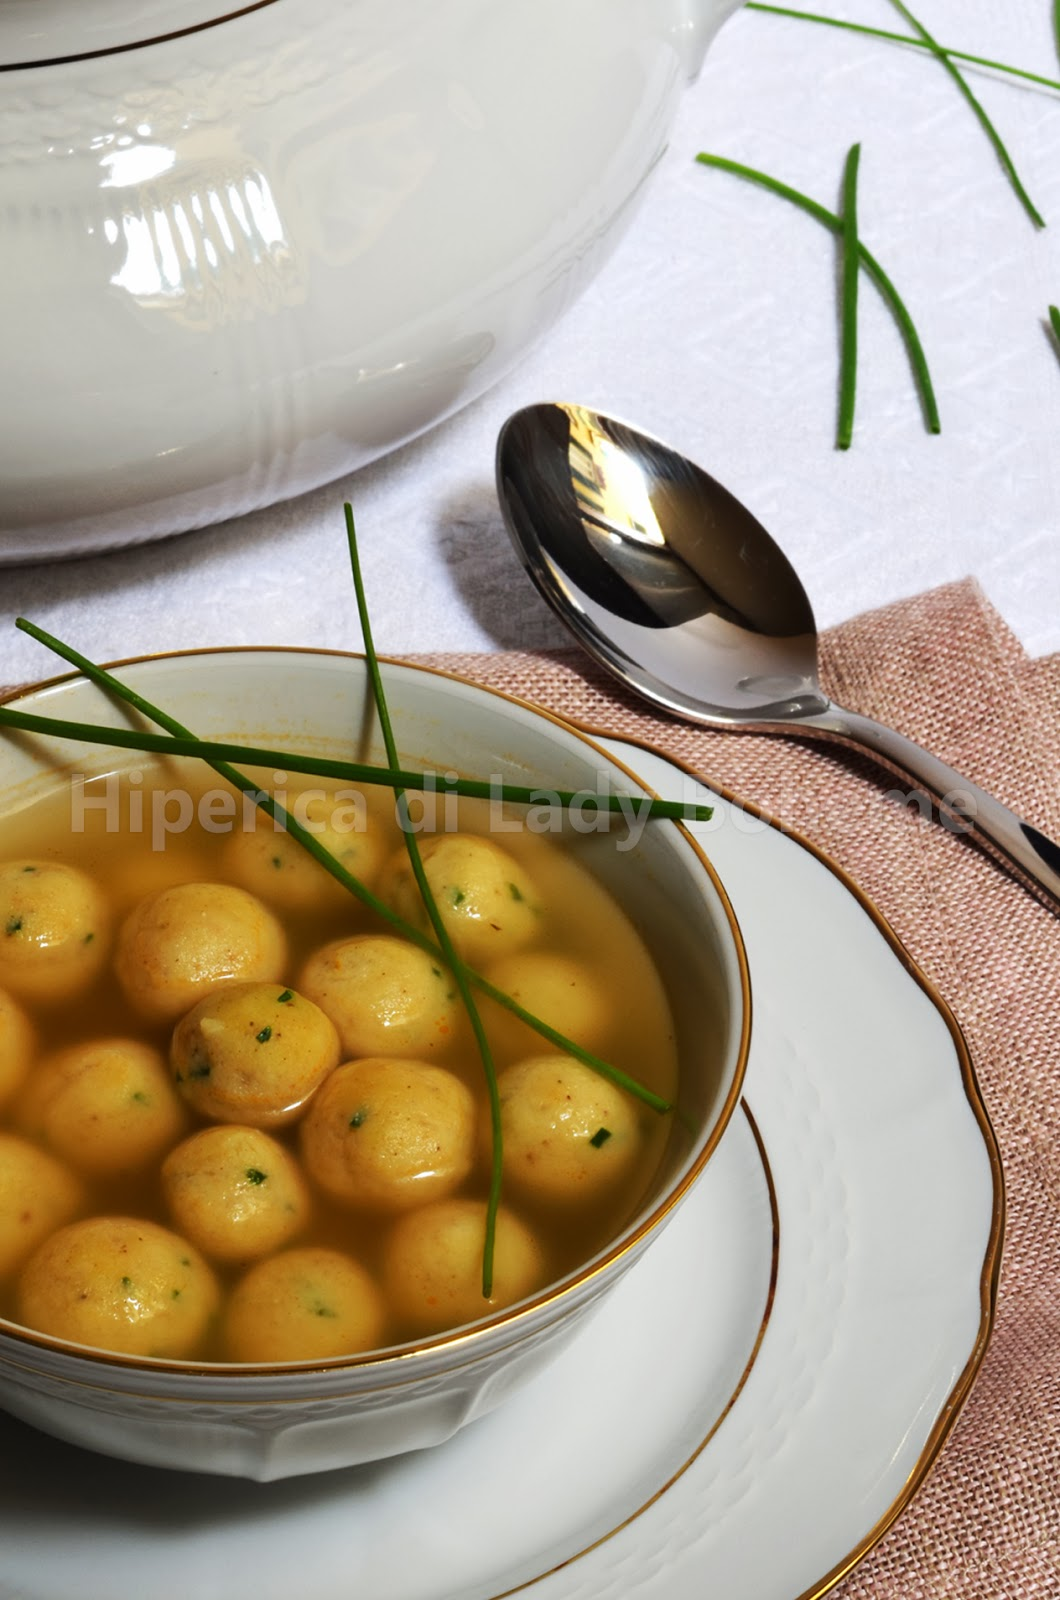 hiperica_lady_boheme_blog_cucina_ricette_gustose_facili_veloci_polpettine_in_brodo_con_ricotta_erba_cipollina_2